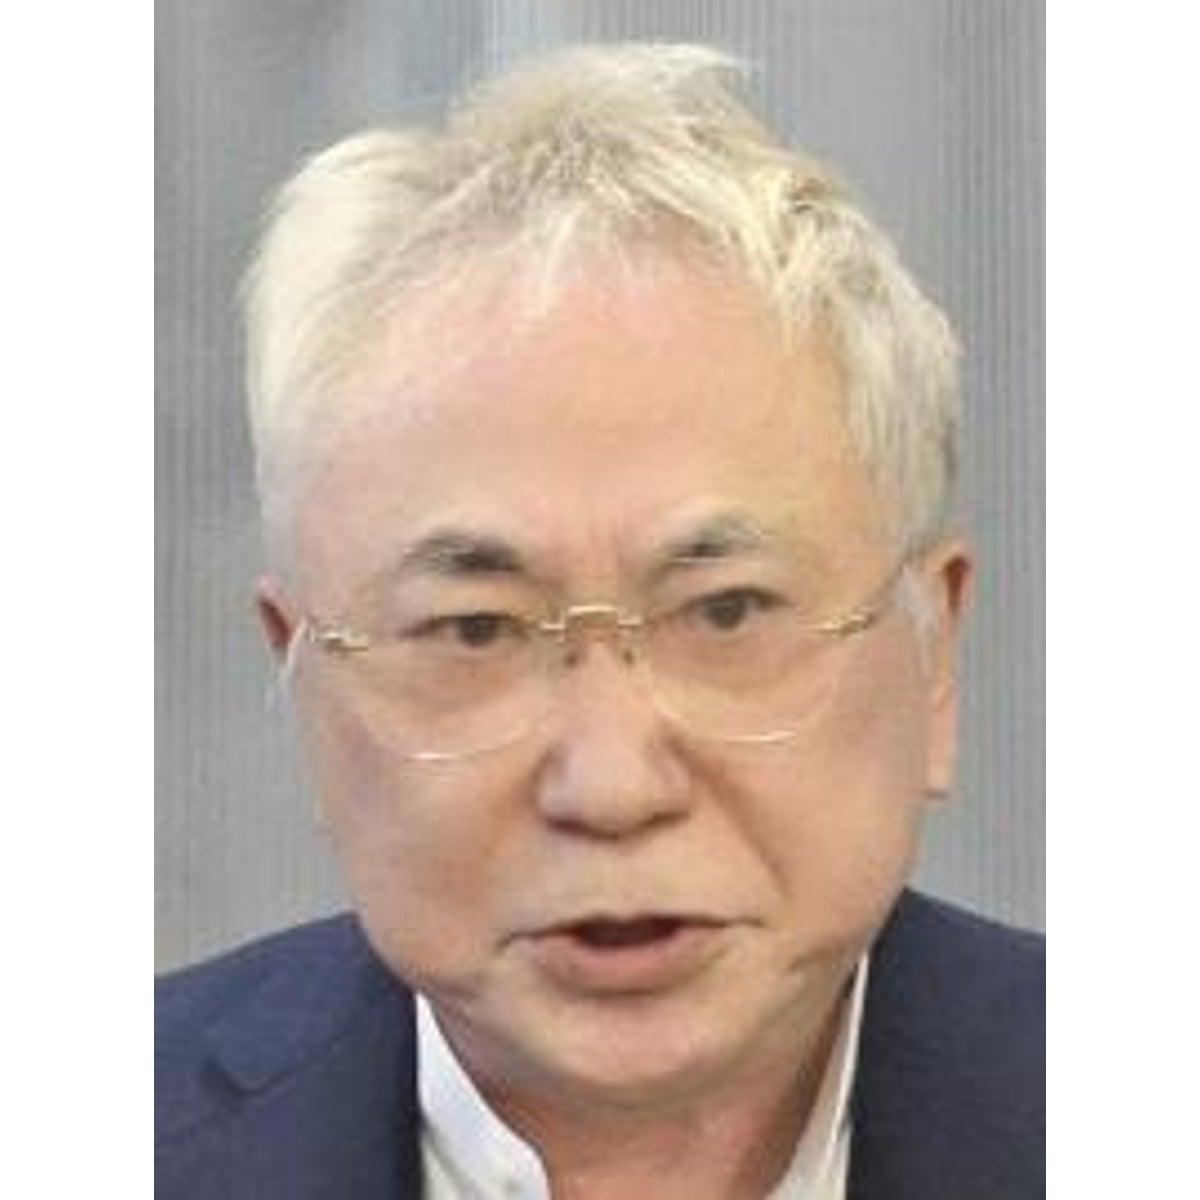 院長 高須 高須クリニック院長の年収・年商がすごい!遺産は全額寄付と宣言する理由 Tele Navi